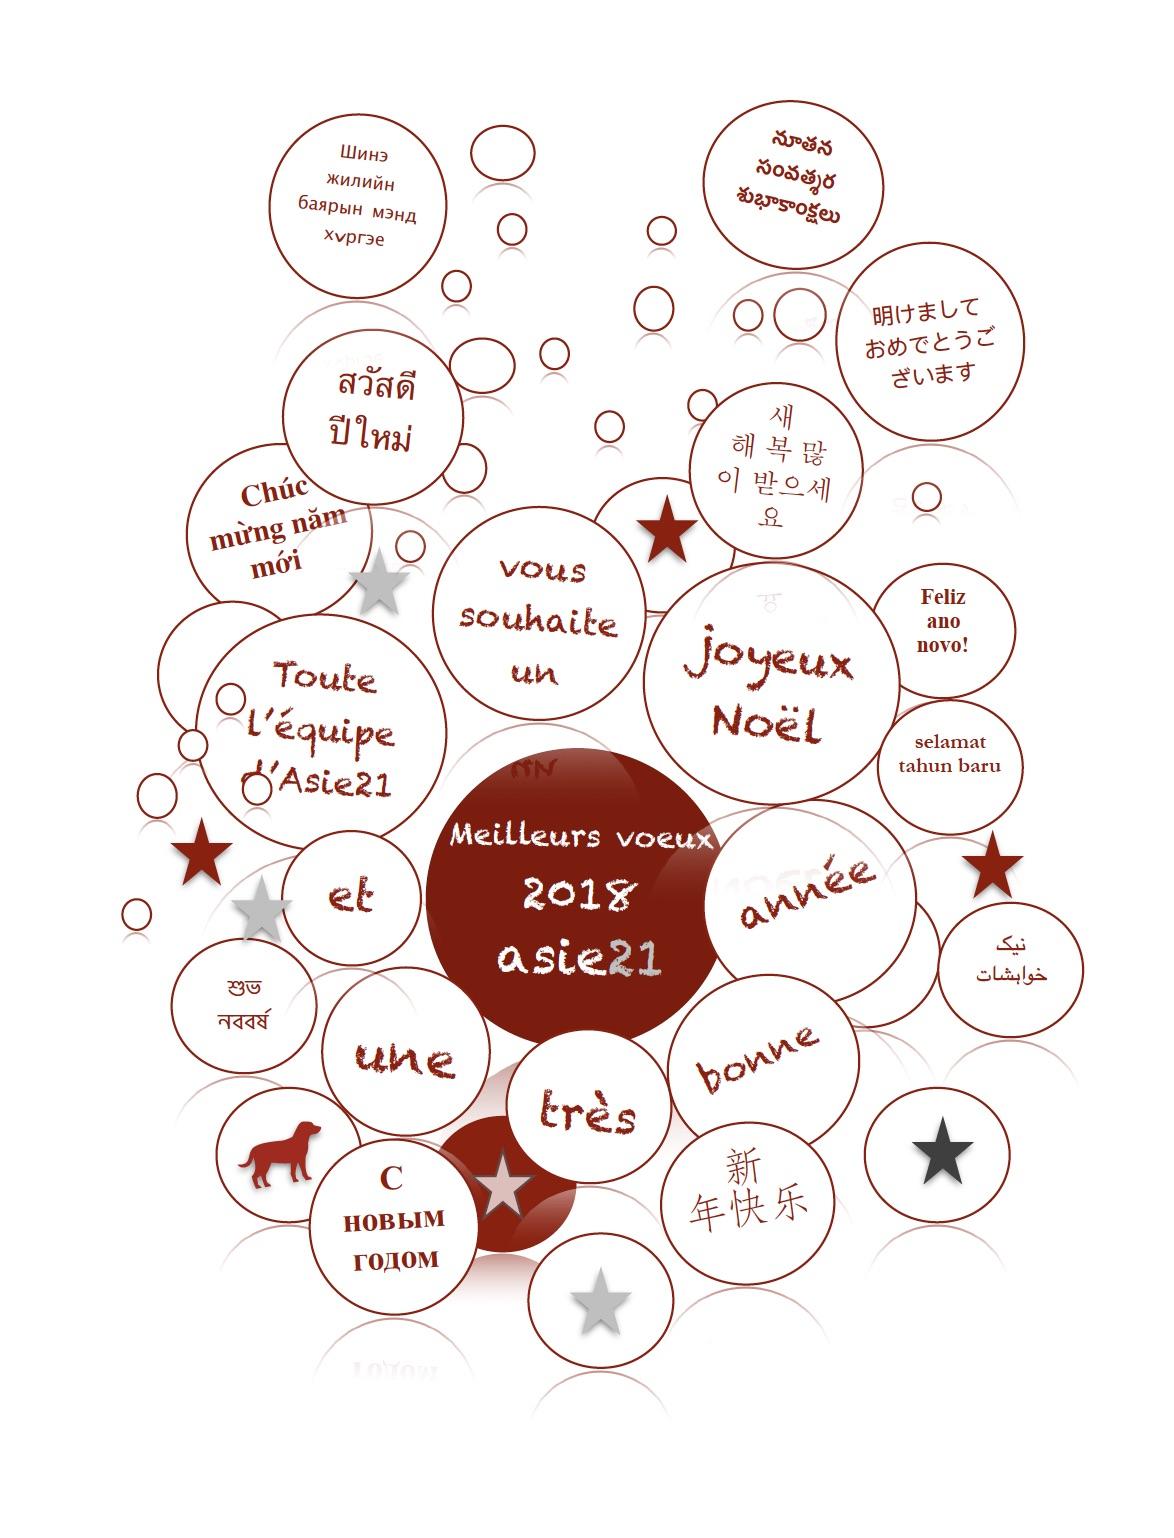 Asie21 vous souhaite de joyeuses fêtes et une très belle année 2018